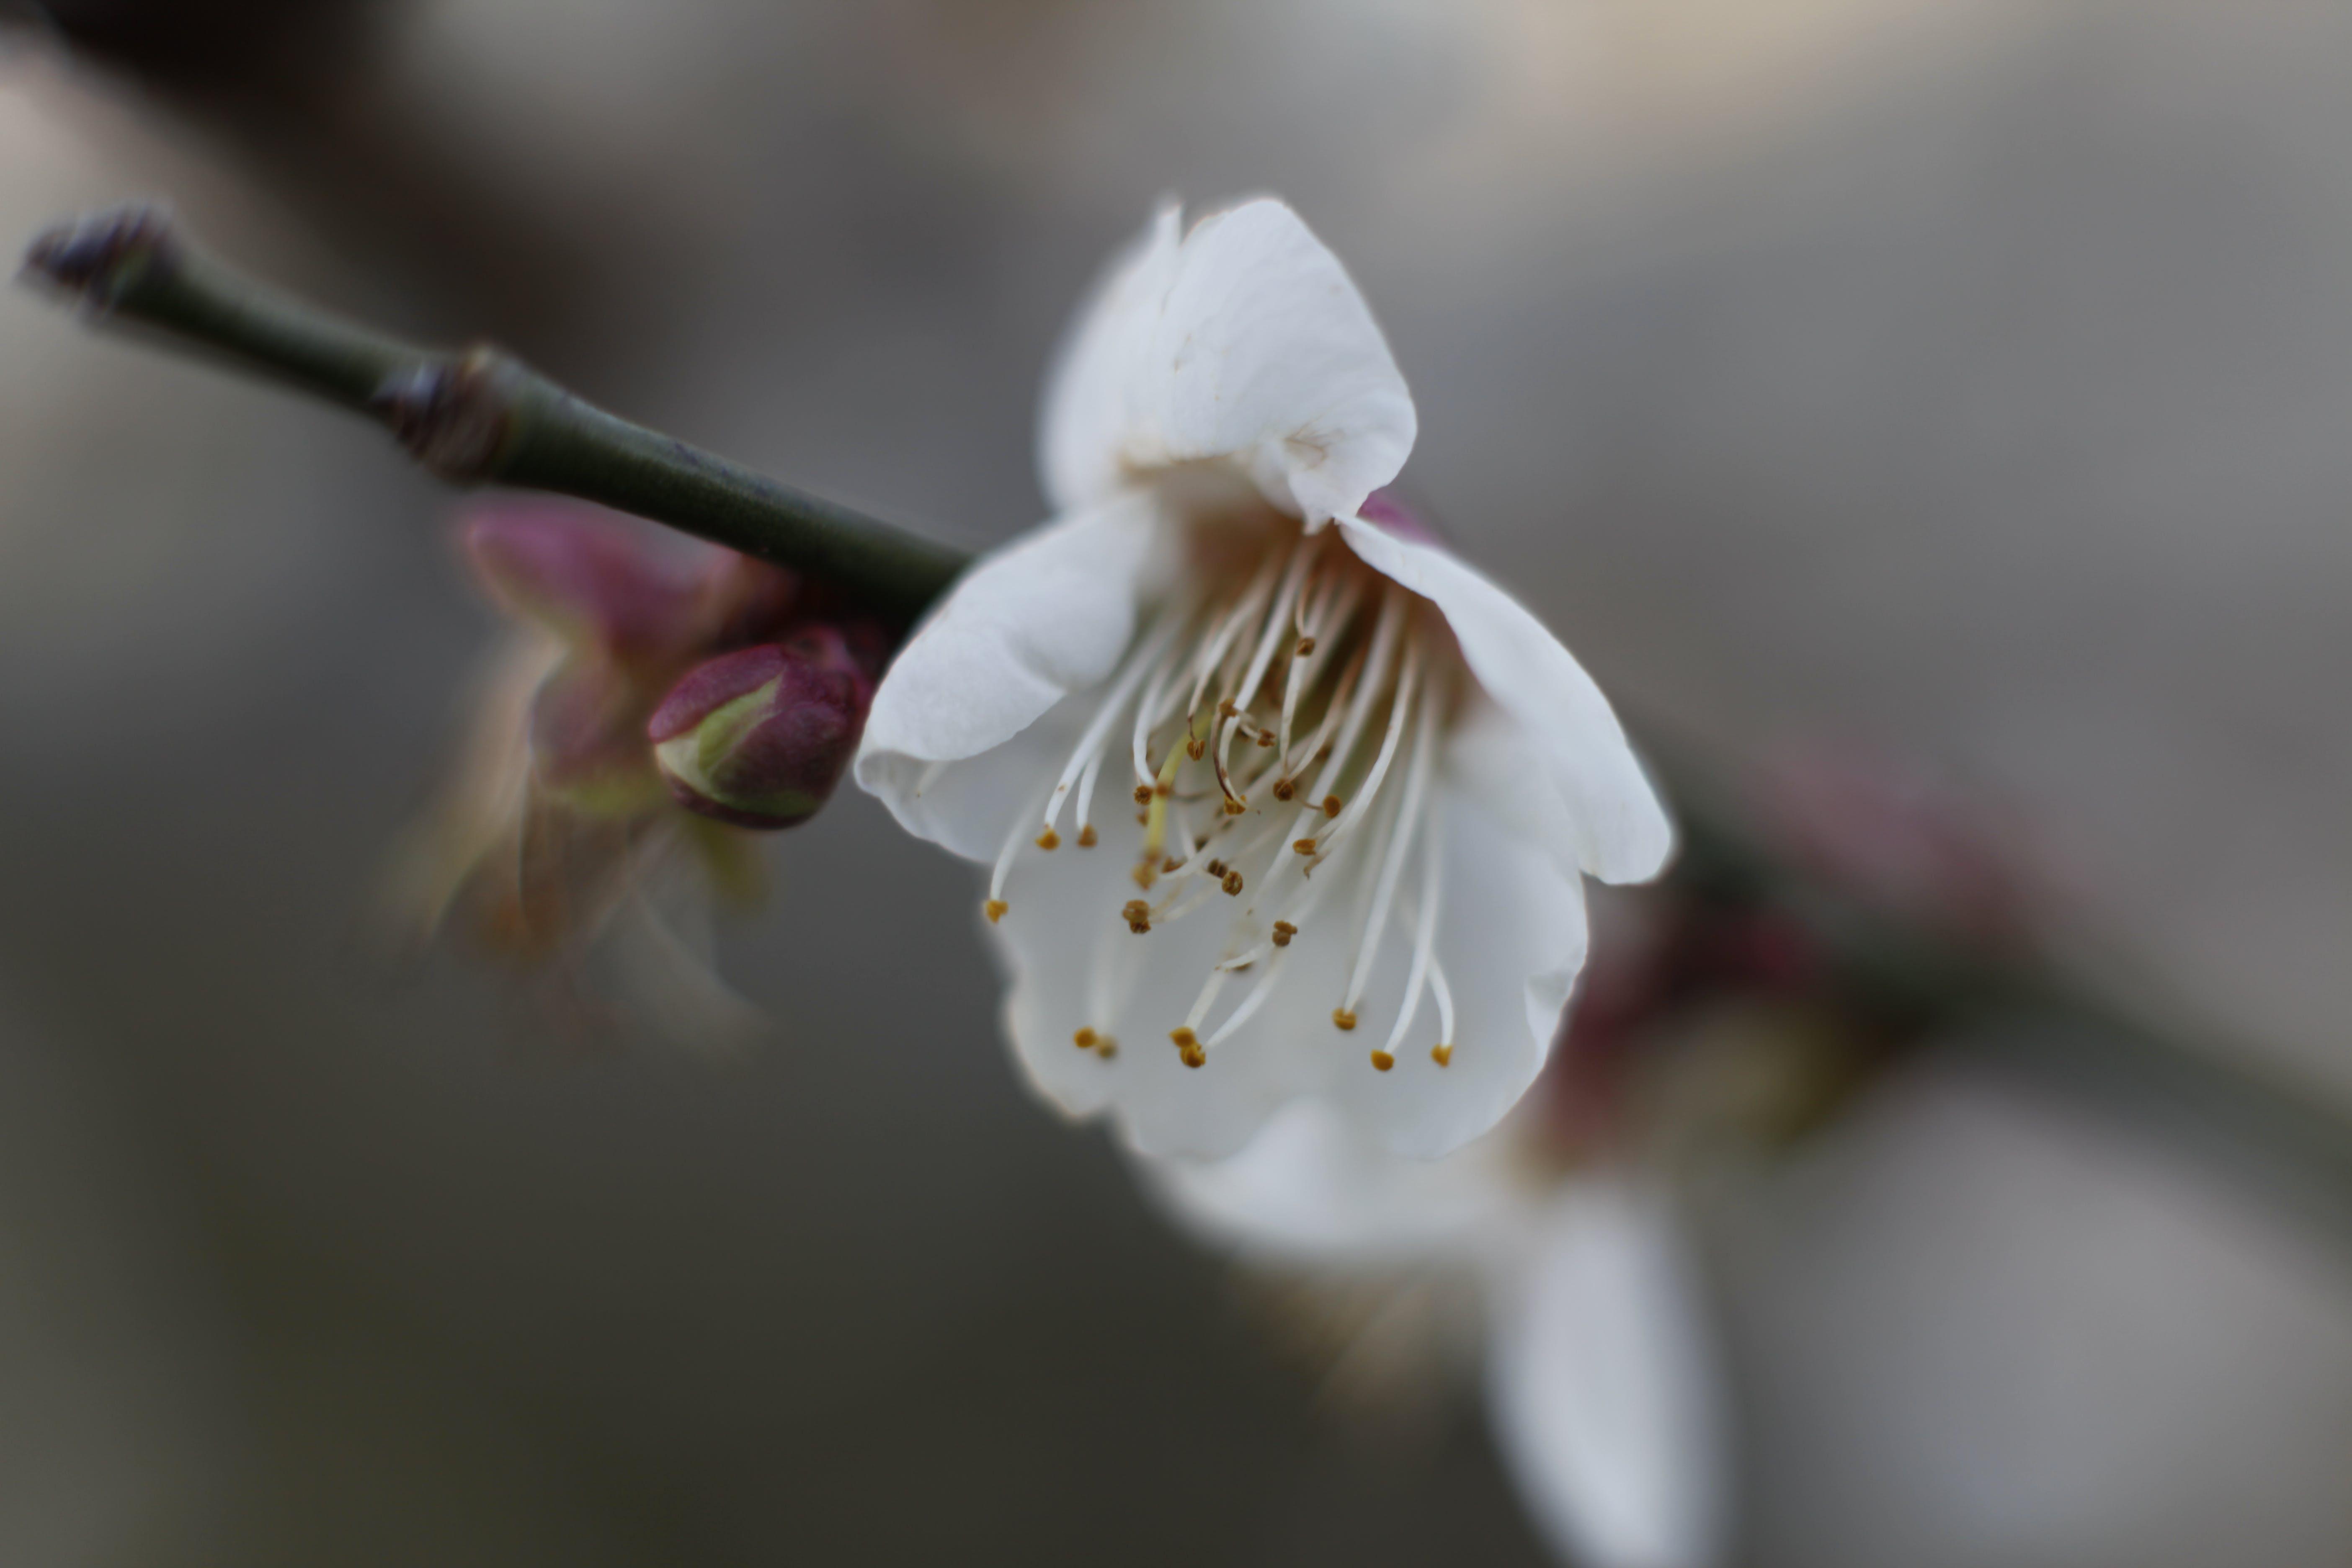 아름다운 꽃, 확대 사진의 무료 스톡 사진